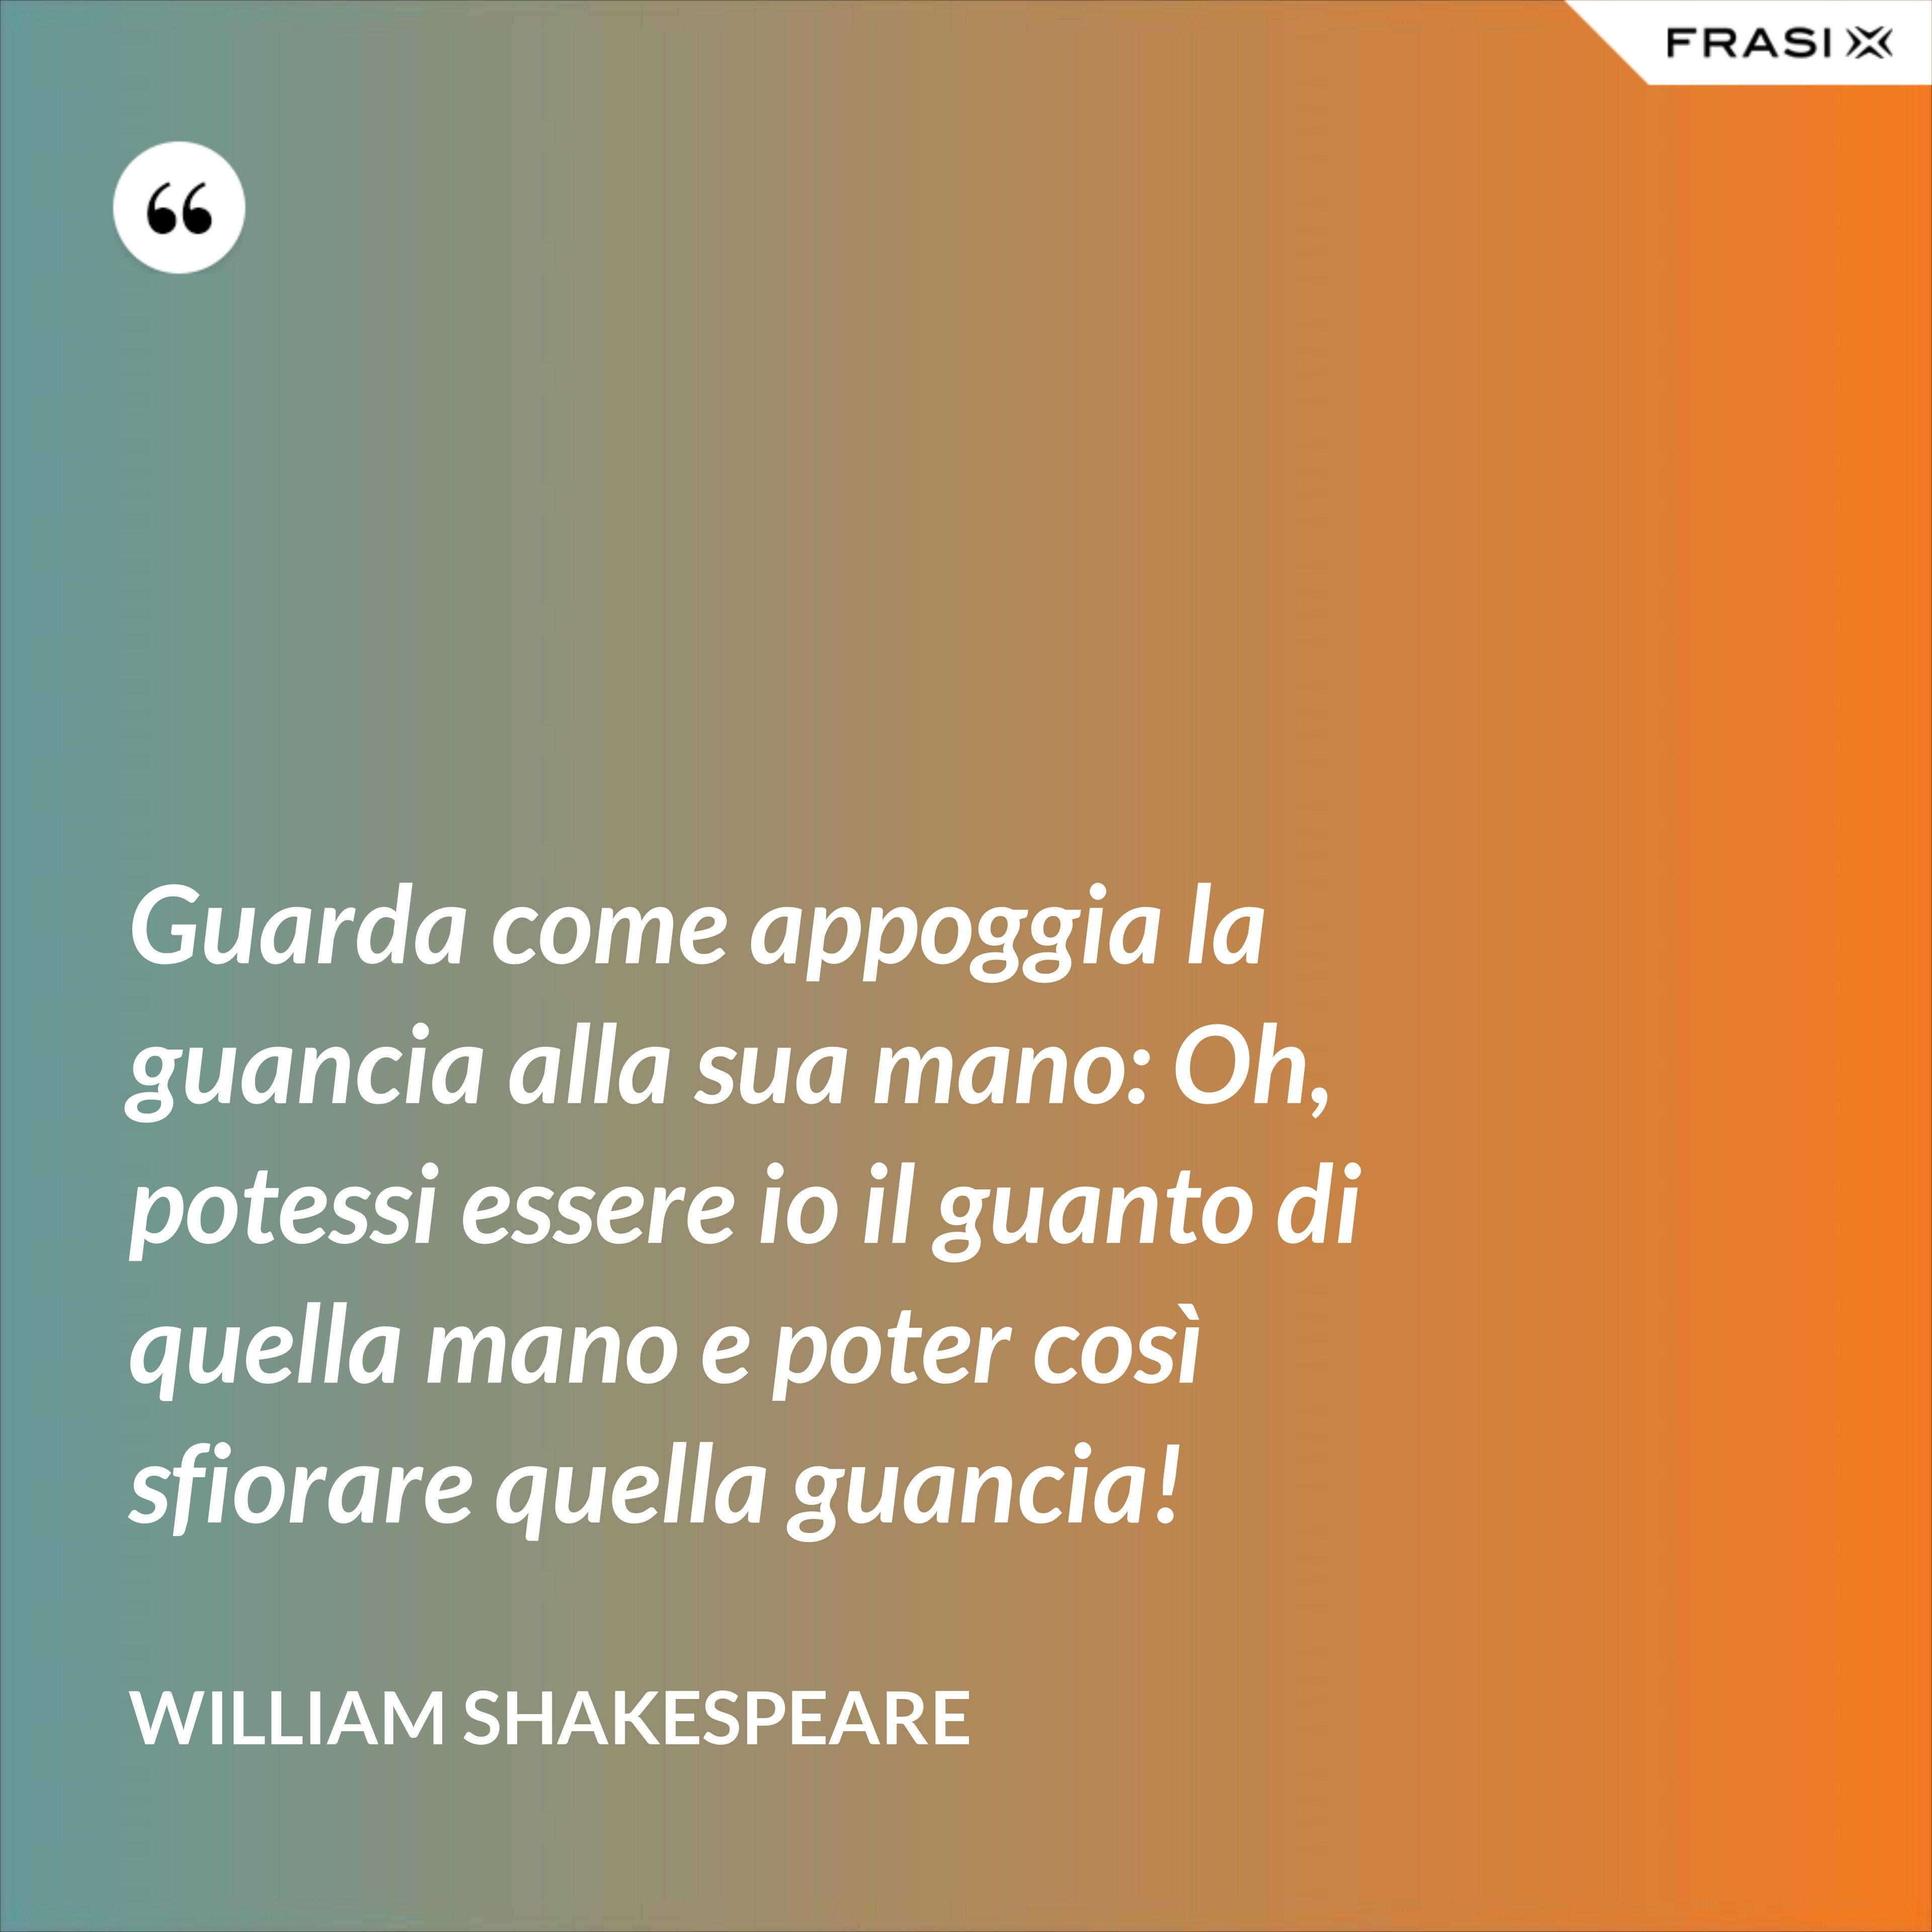 Guarda come appoggia la guancia alla sua mano: Oh, potessi essere io il guanto di quella mano e poter così sfiorare quella guancia! - William Shakespeare